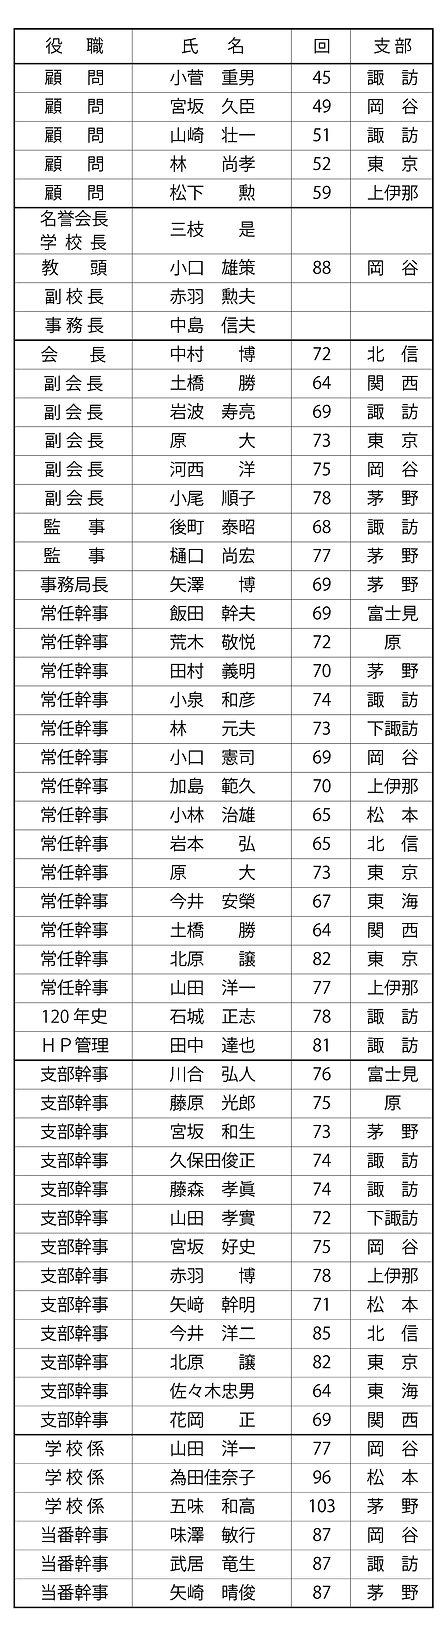 役員名簿2020-07改3.jpg